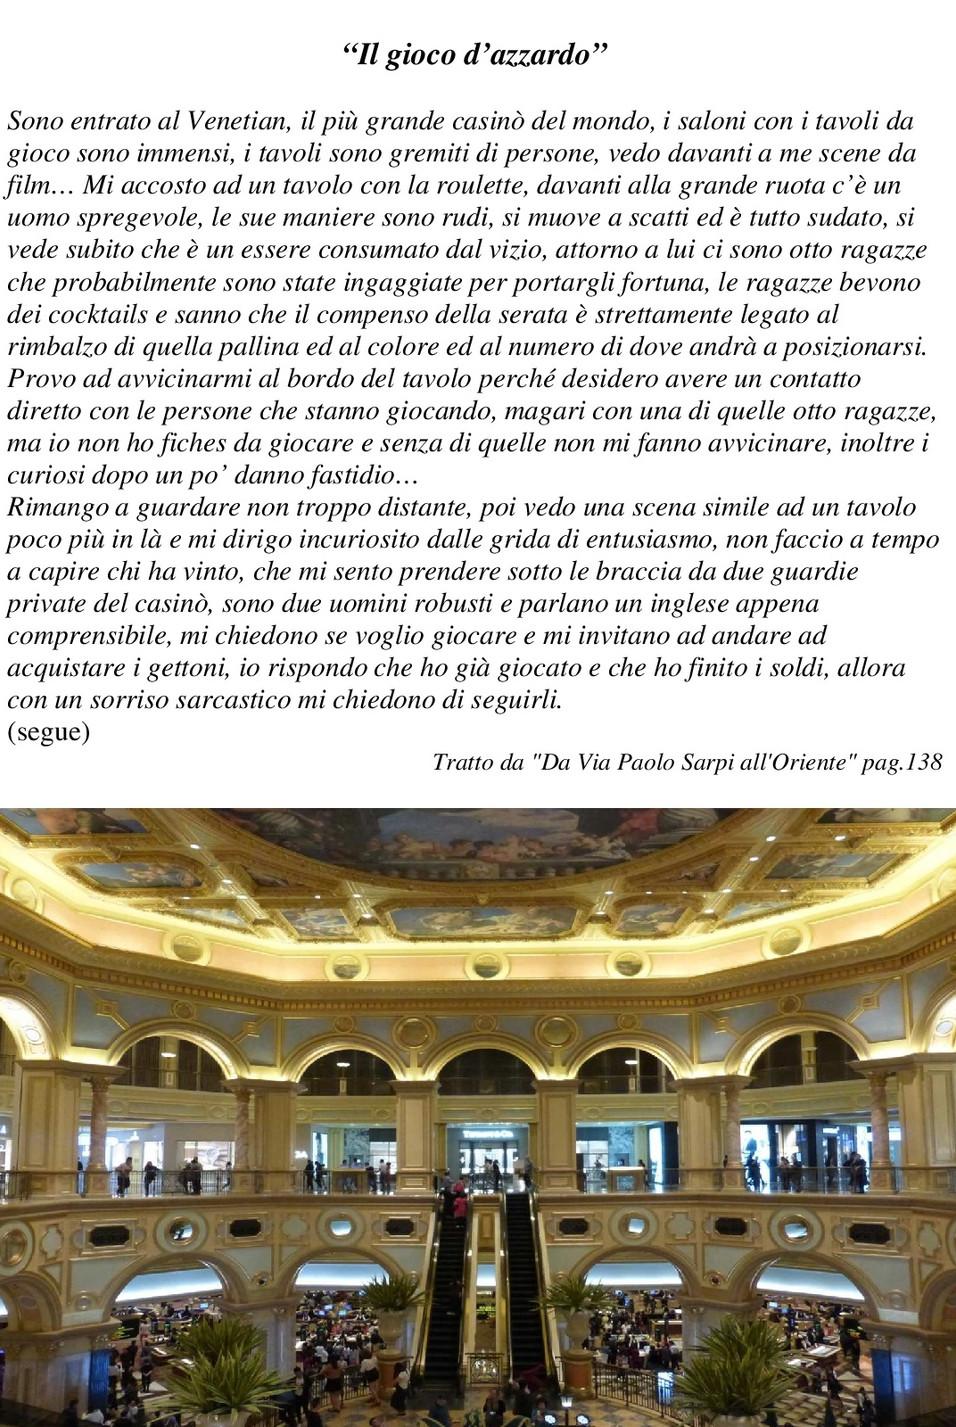 13 Poster Il gioco d'azzardo.jpg